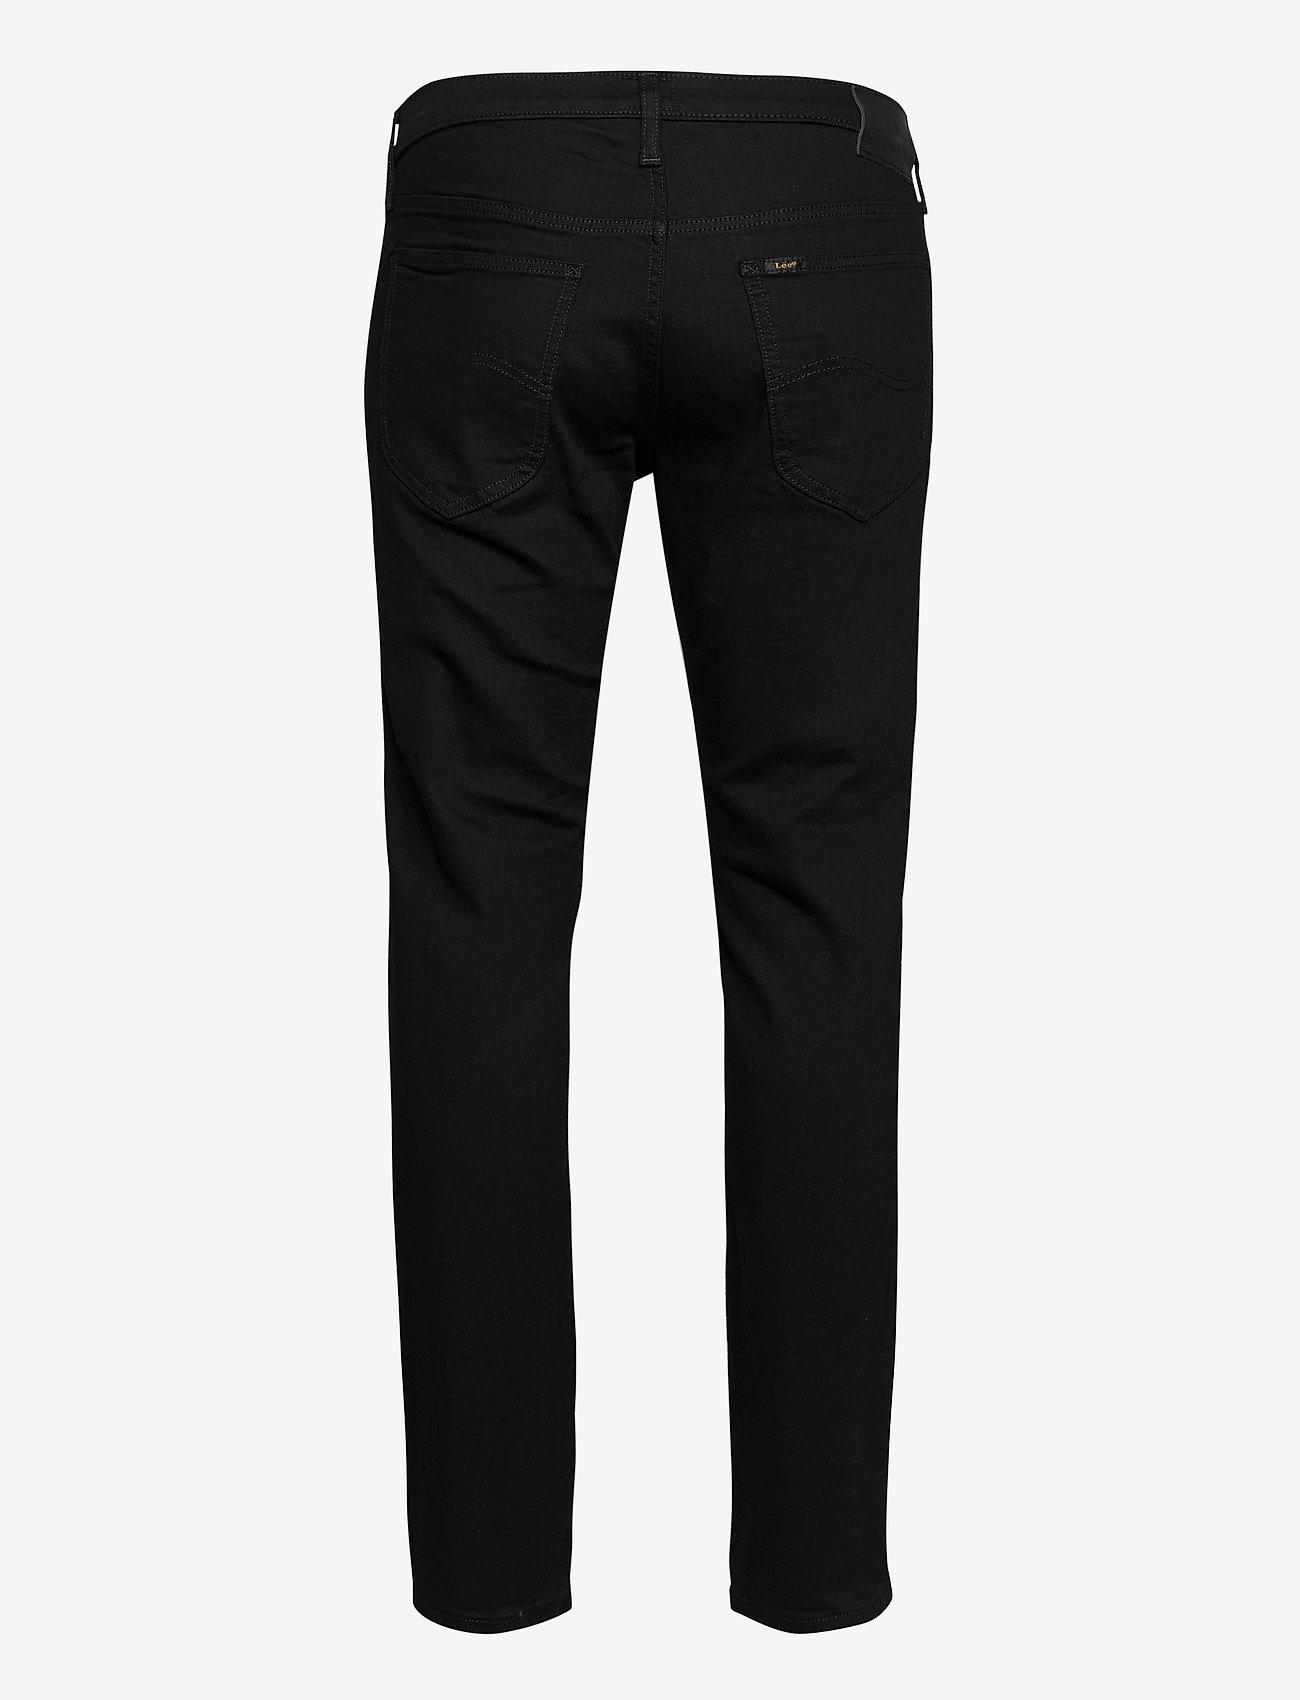 Lee Jeans - DAREN ZIP FLY - slim jeans - clean black - 1